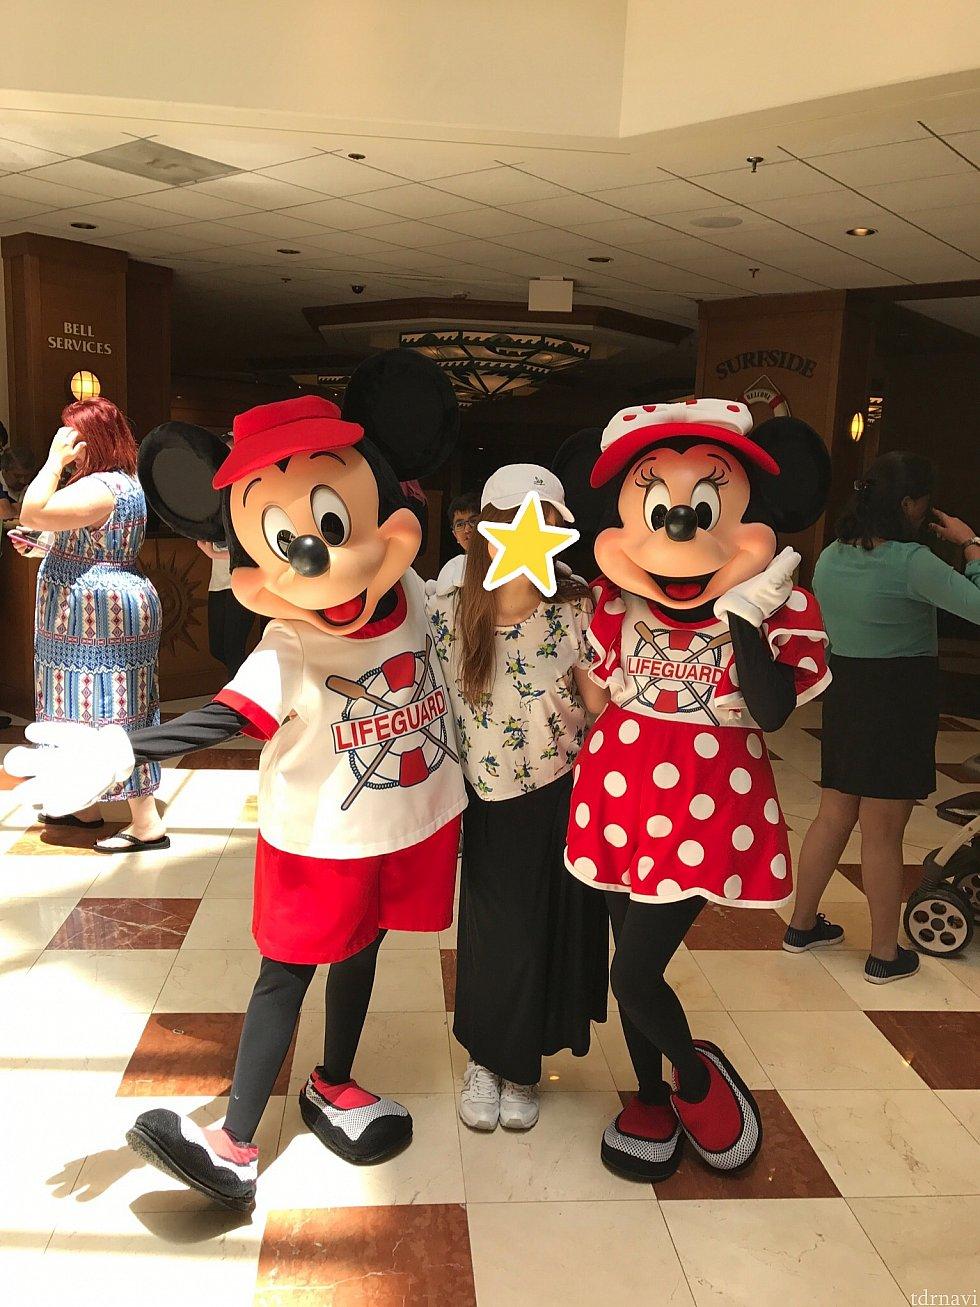 ミッキーとミニーちゃんのペアグリ!!バラバラでグリしてたのですがタイミング良くペアでした♪